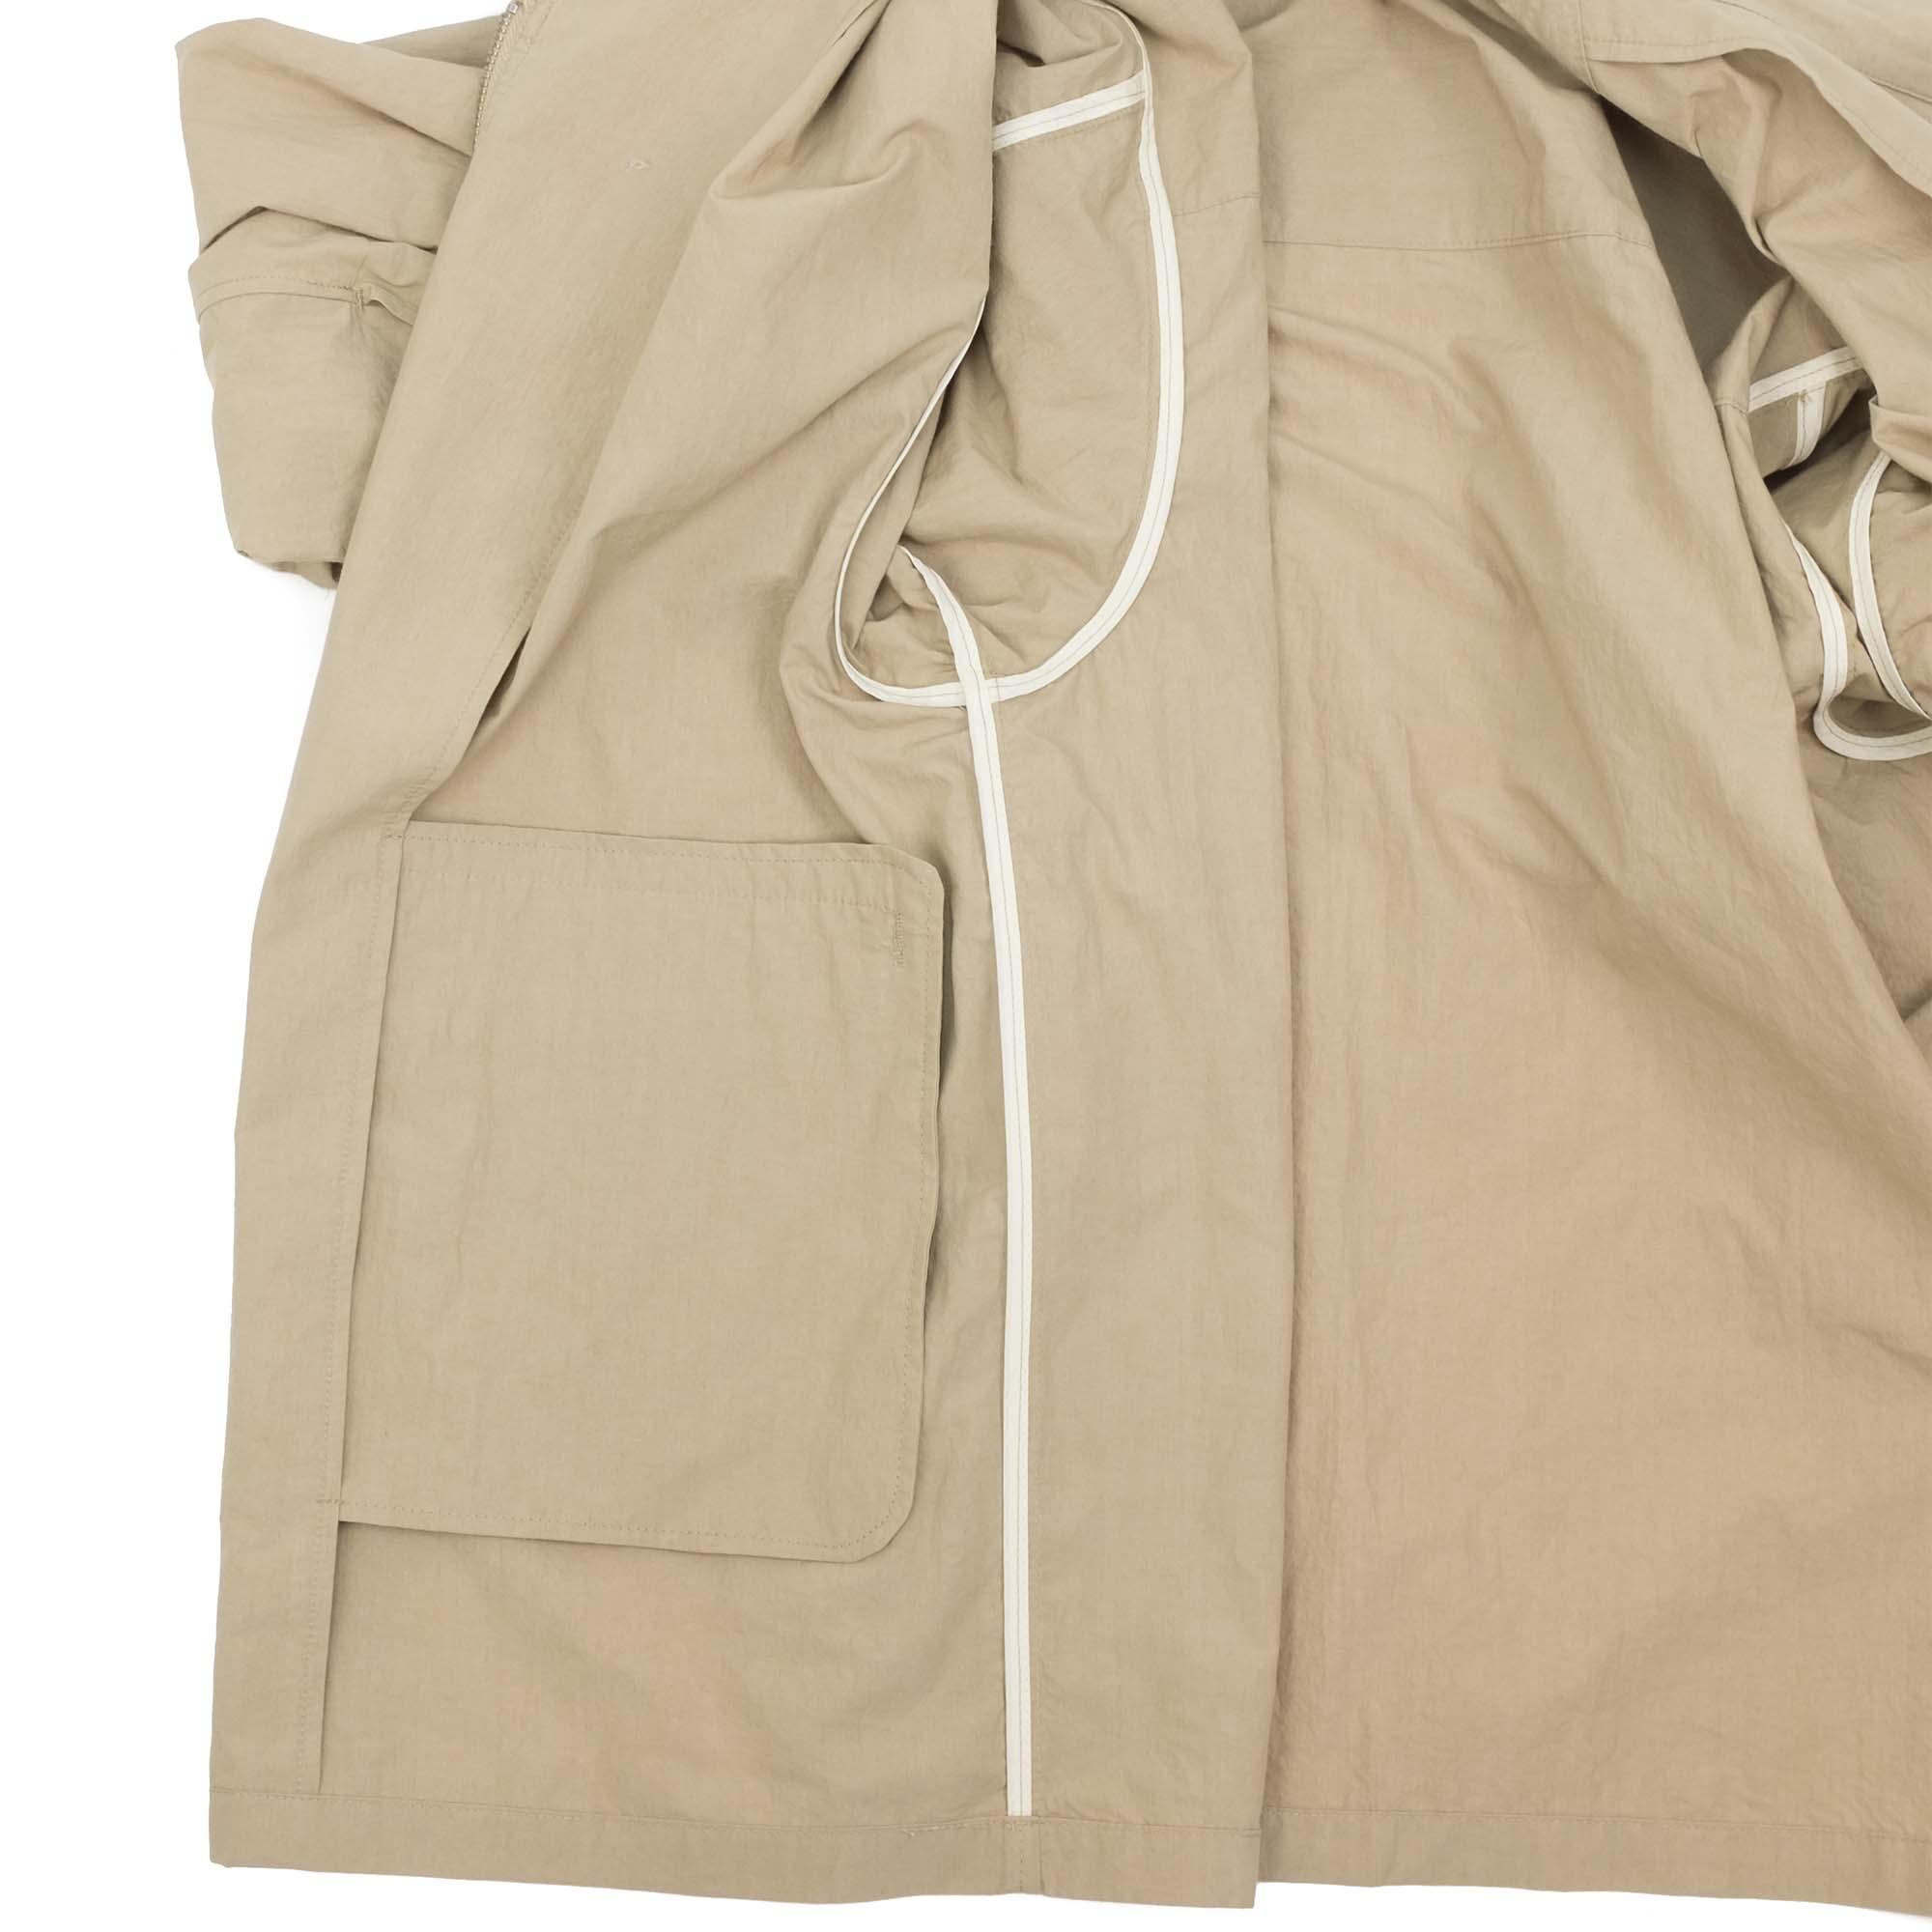 Zip Up Shirt Jacket Beige 9